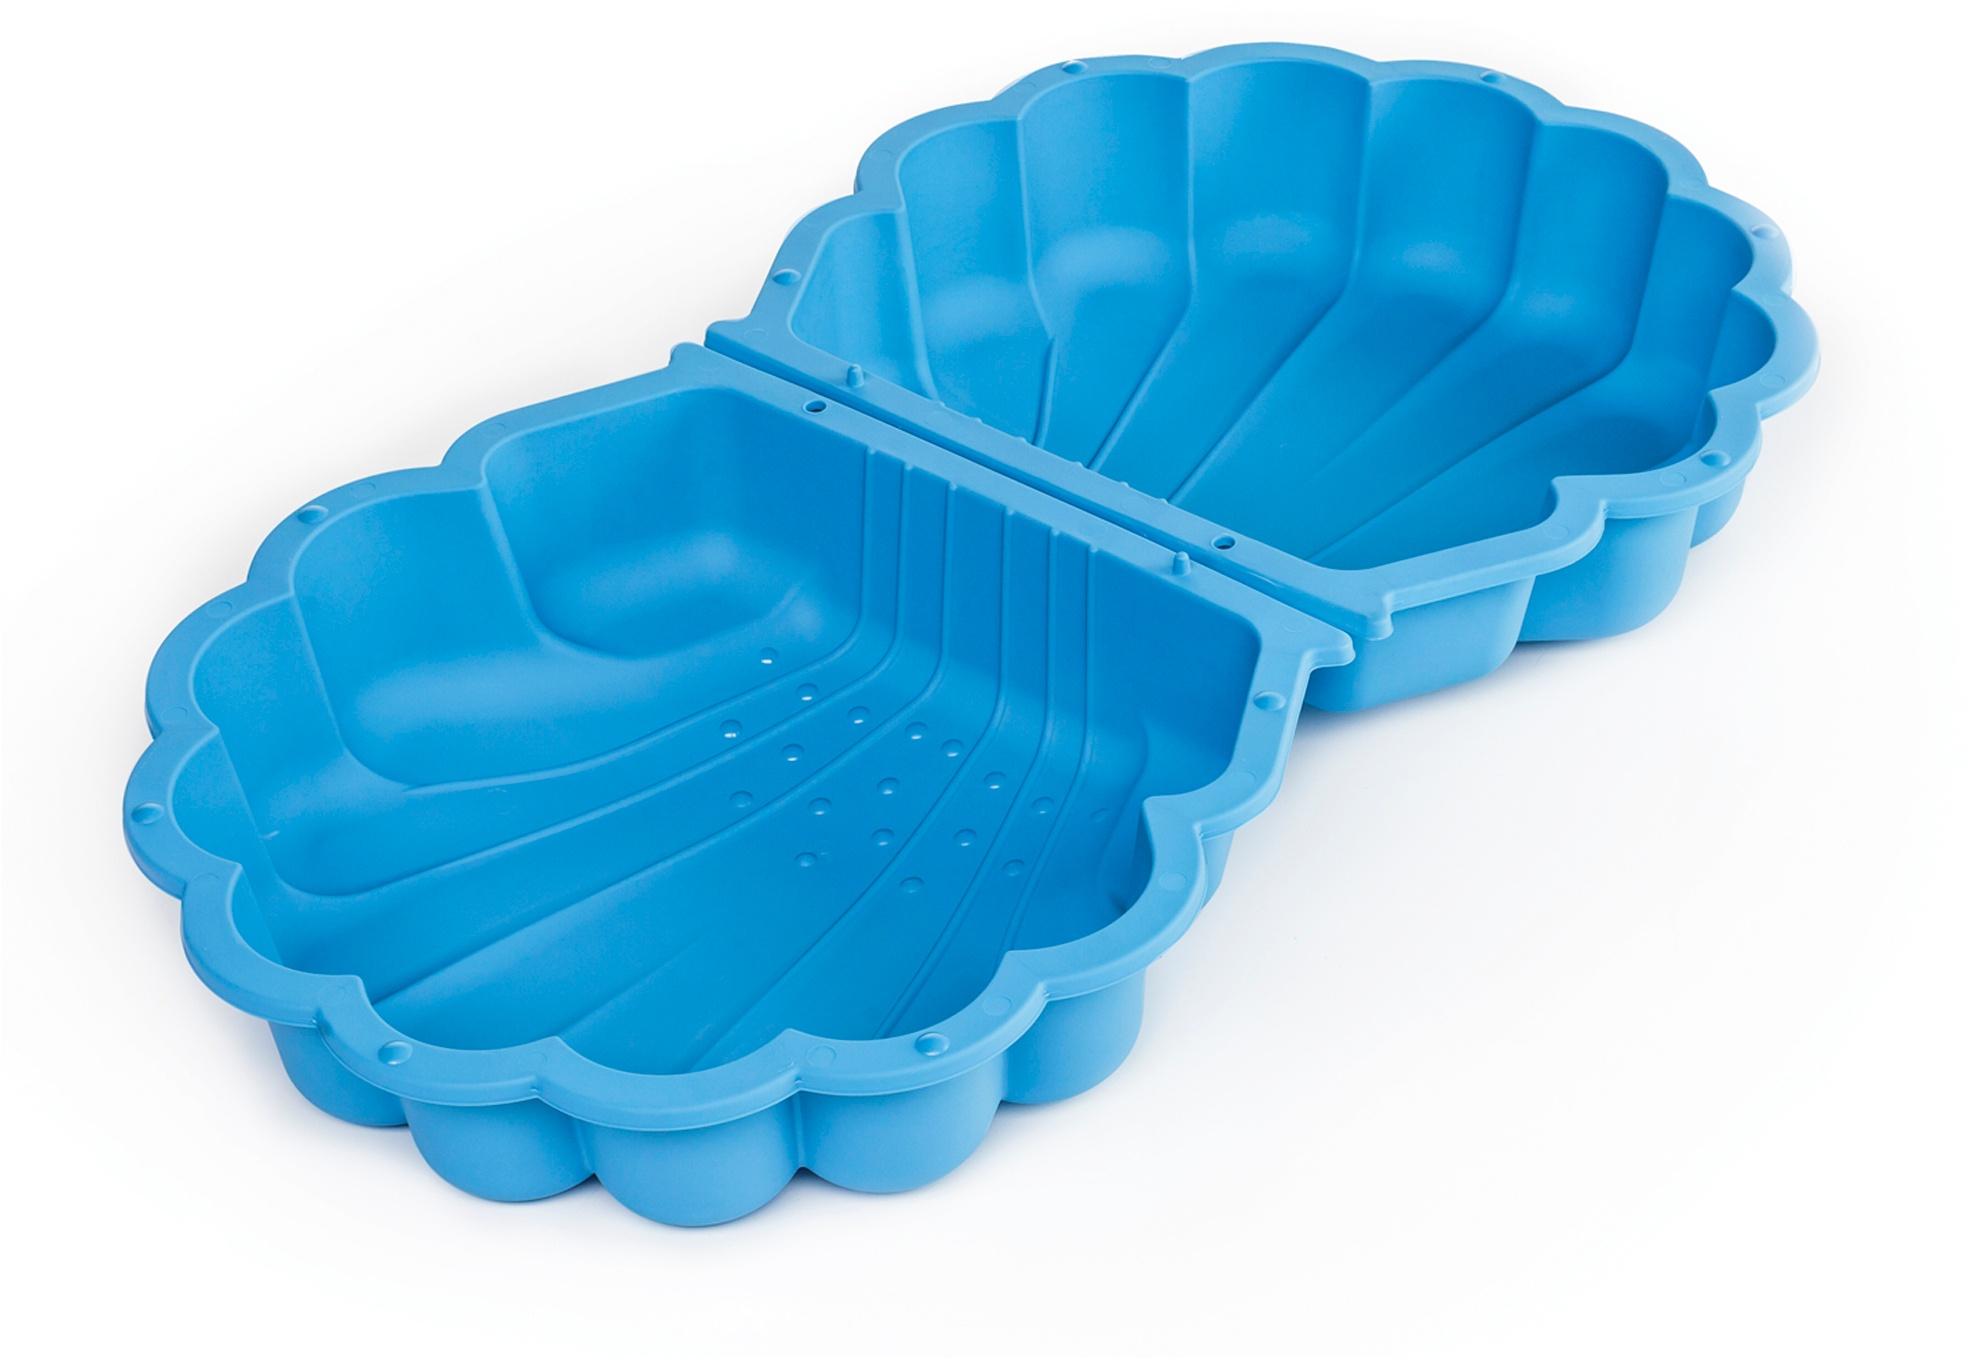 Paradiso Toys sandkastenschalen 87 x 78 cm blau 2-teilig